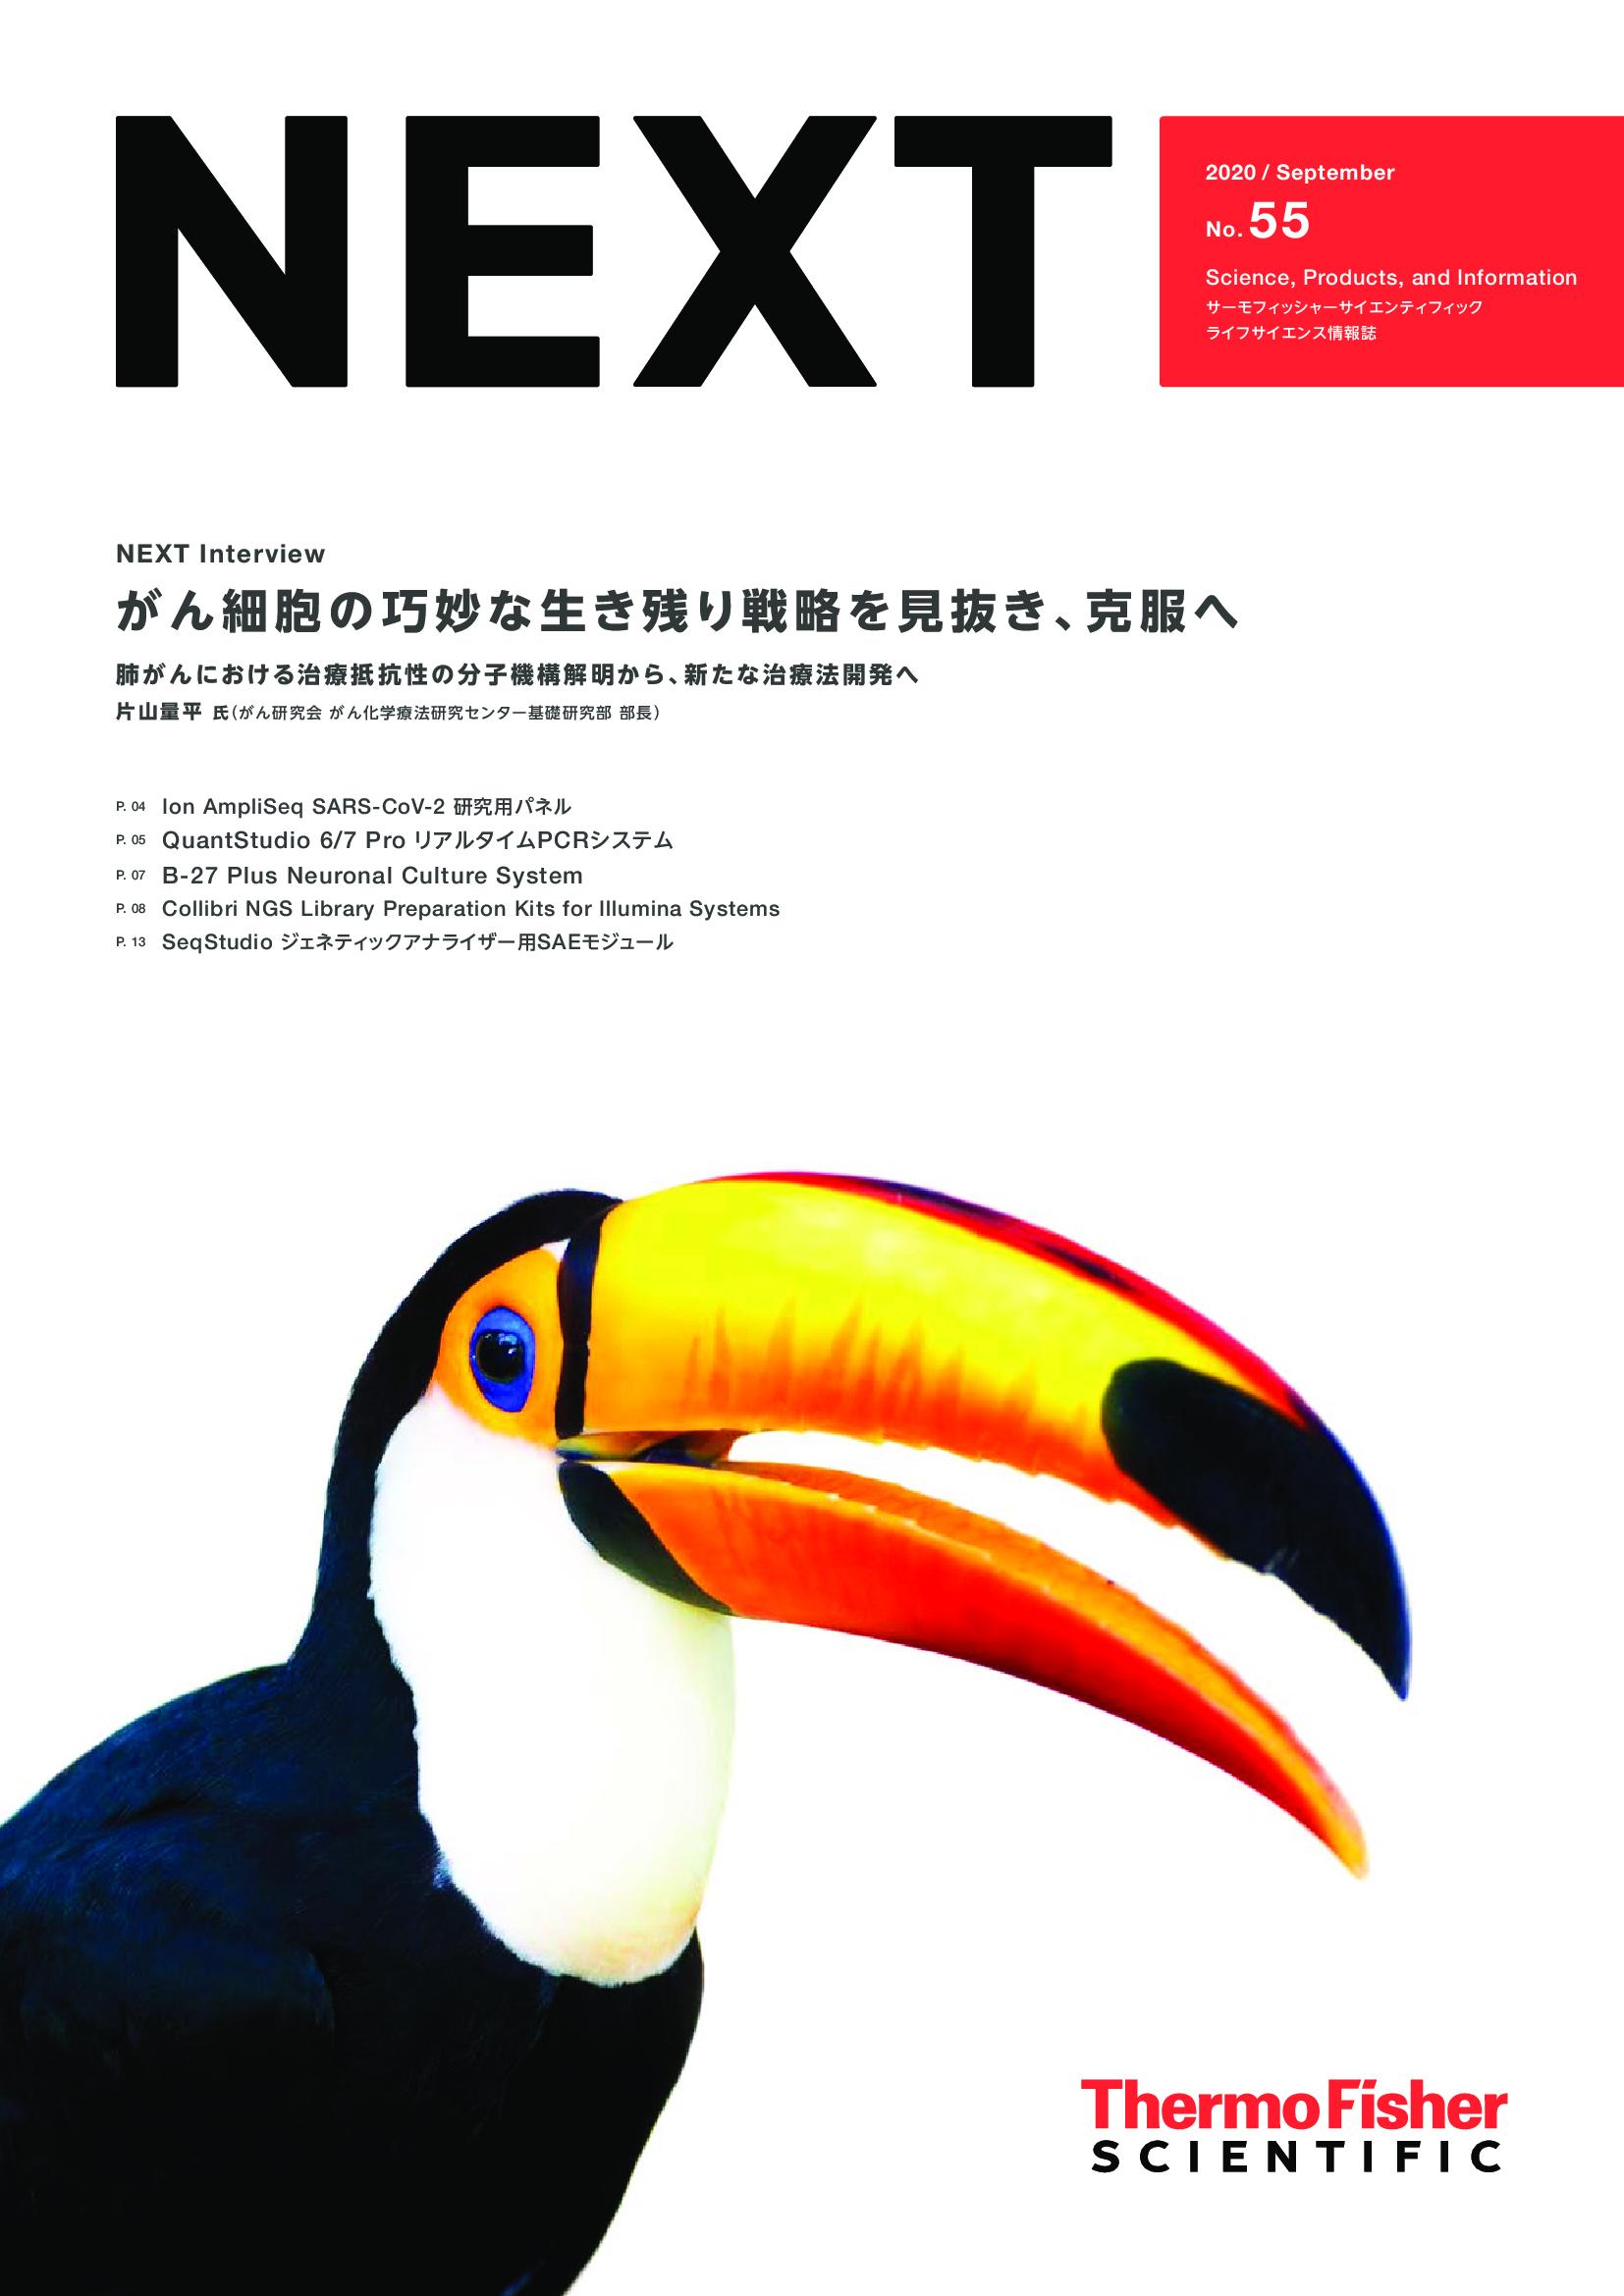 ライフサイエンス情報誌 NEXT 9月号【サーモフィッシャー 】